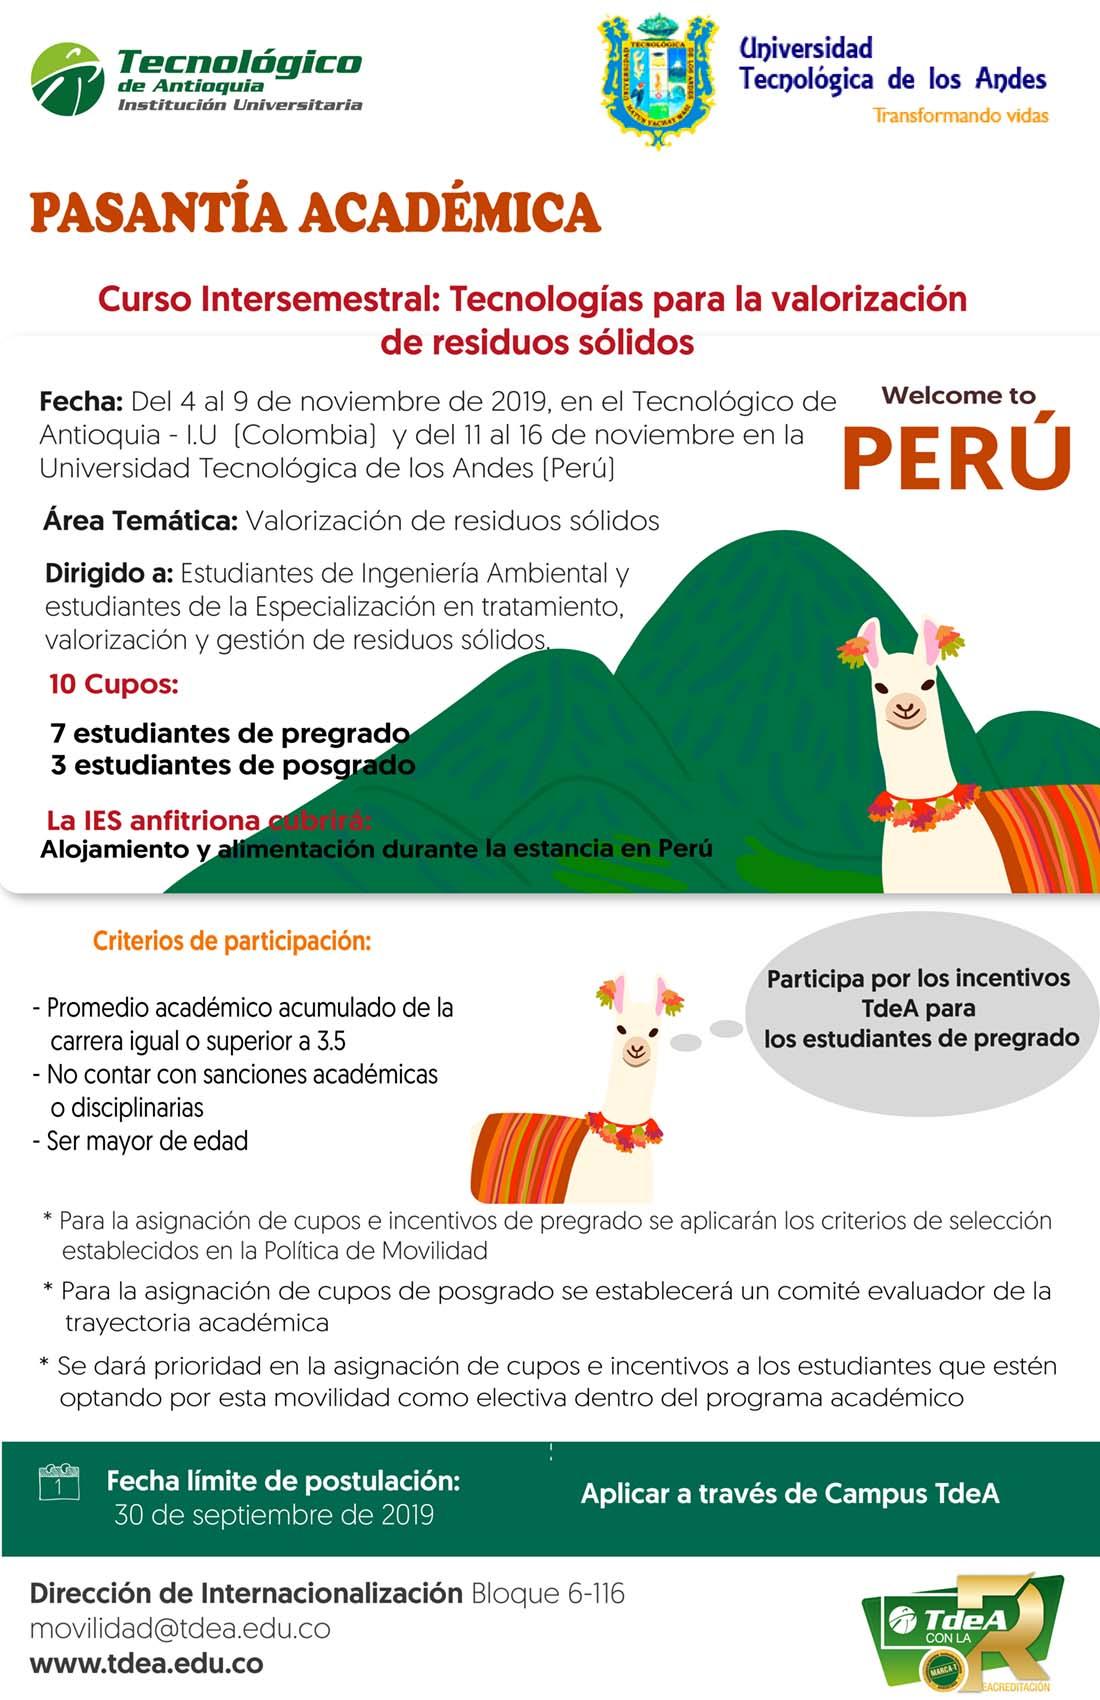 Pasantía académica Universidad Tecnológica de los Andes